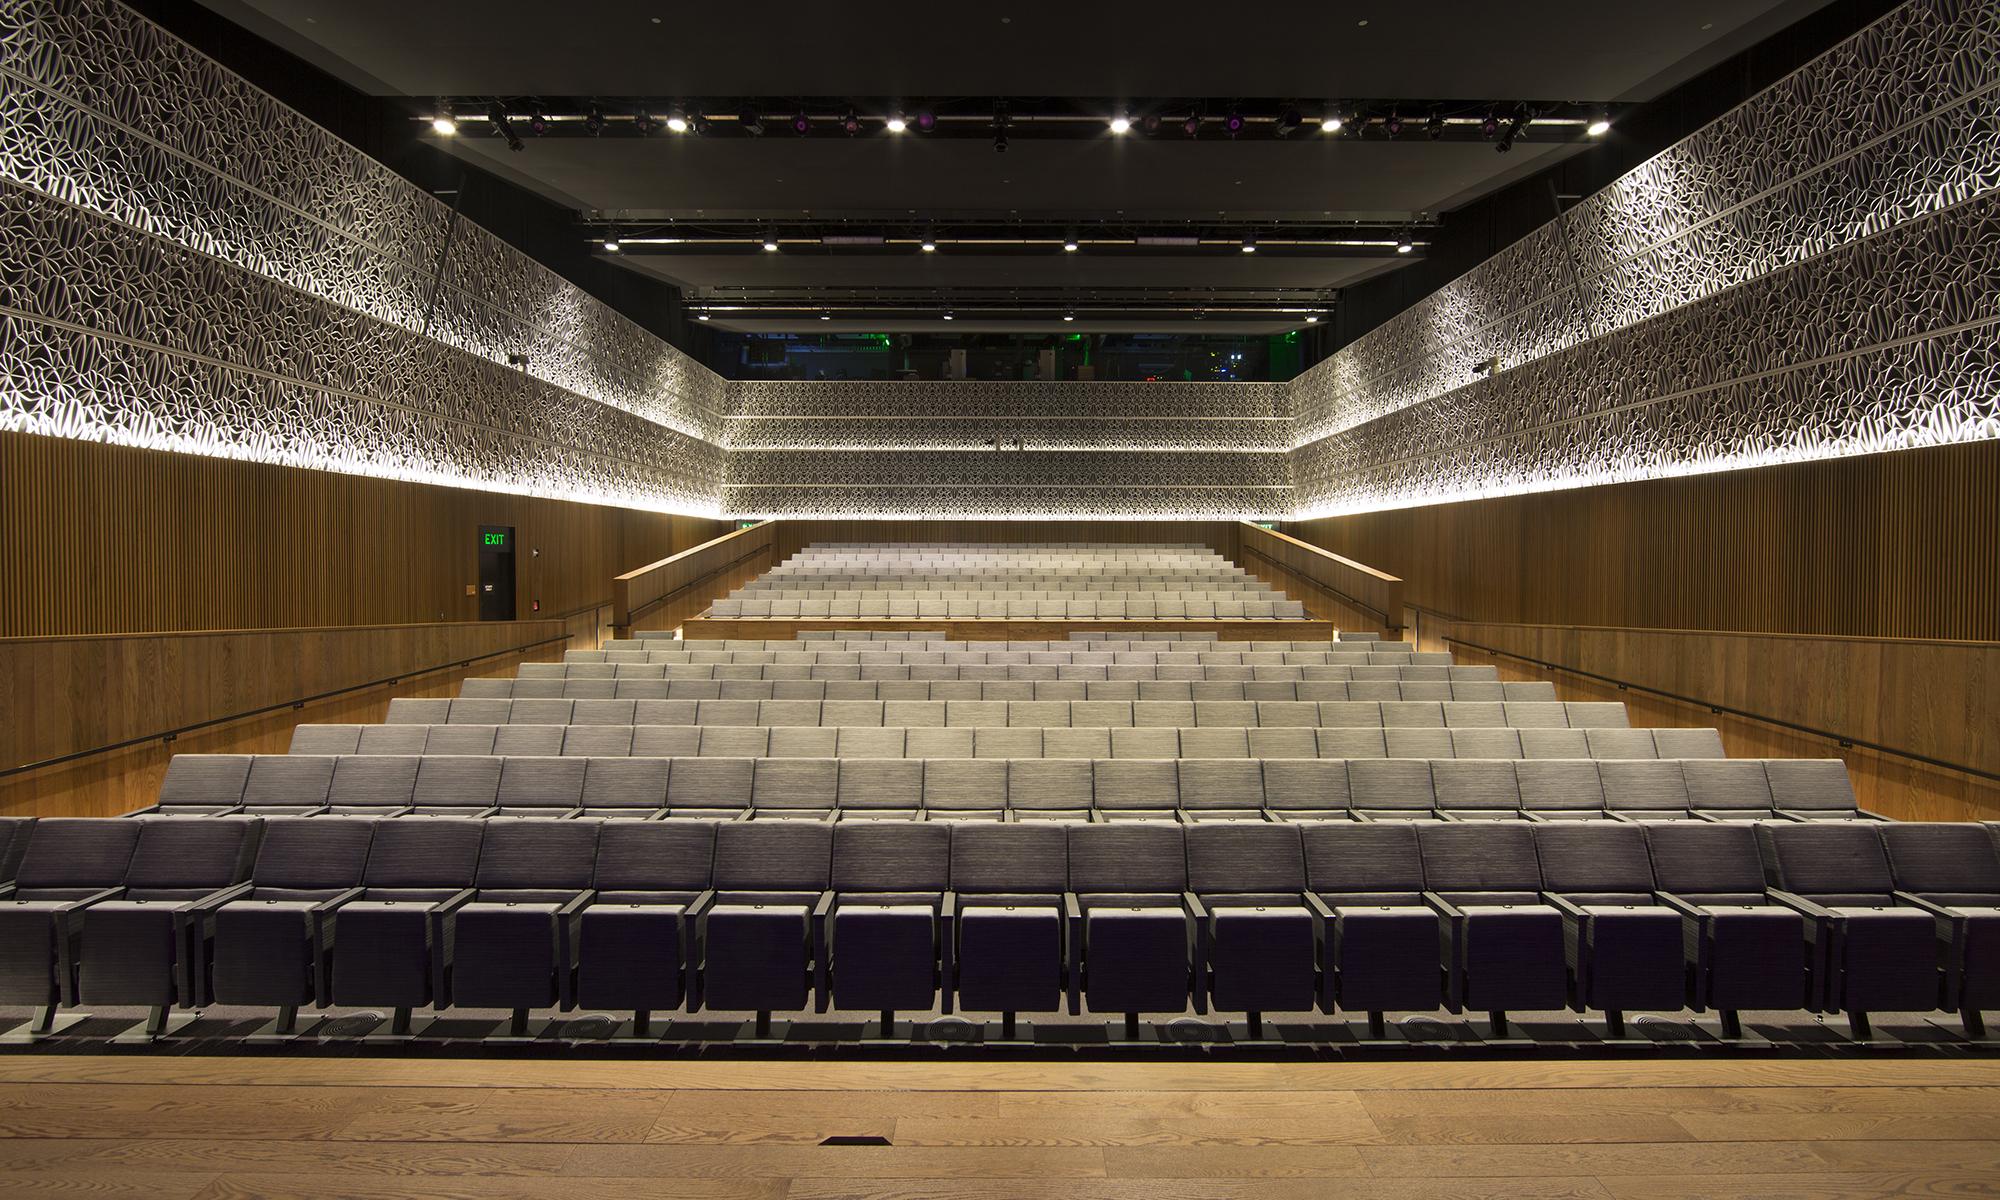 Auditorium Seating Manufacturer